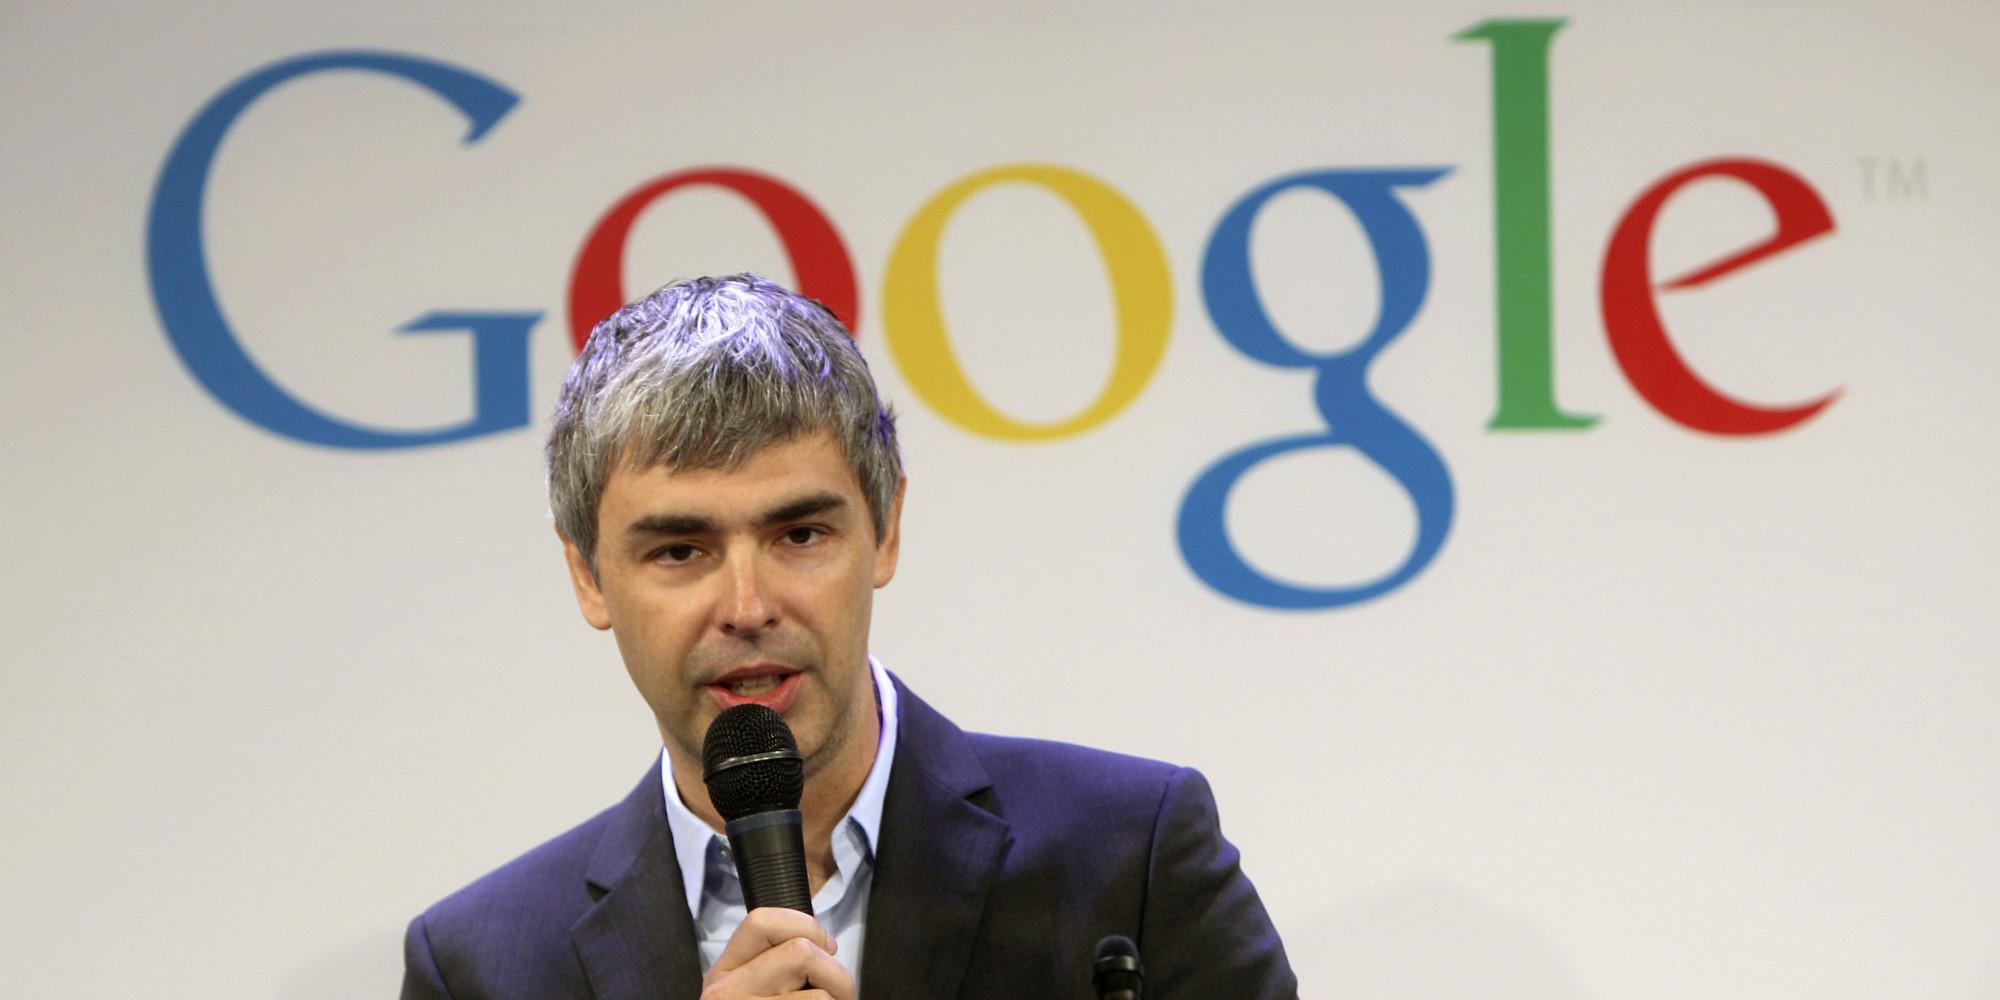 غوغل ألفابت